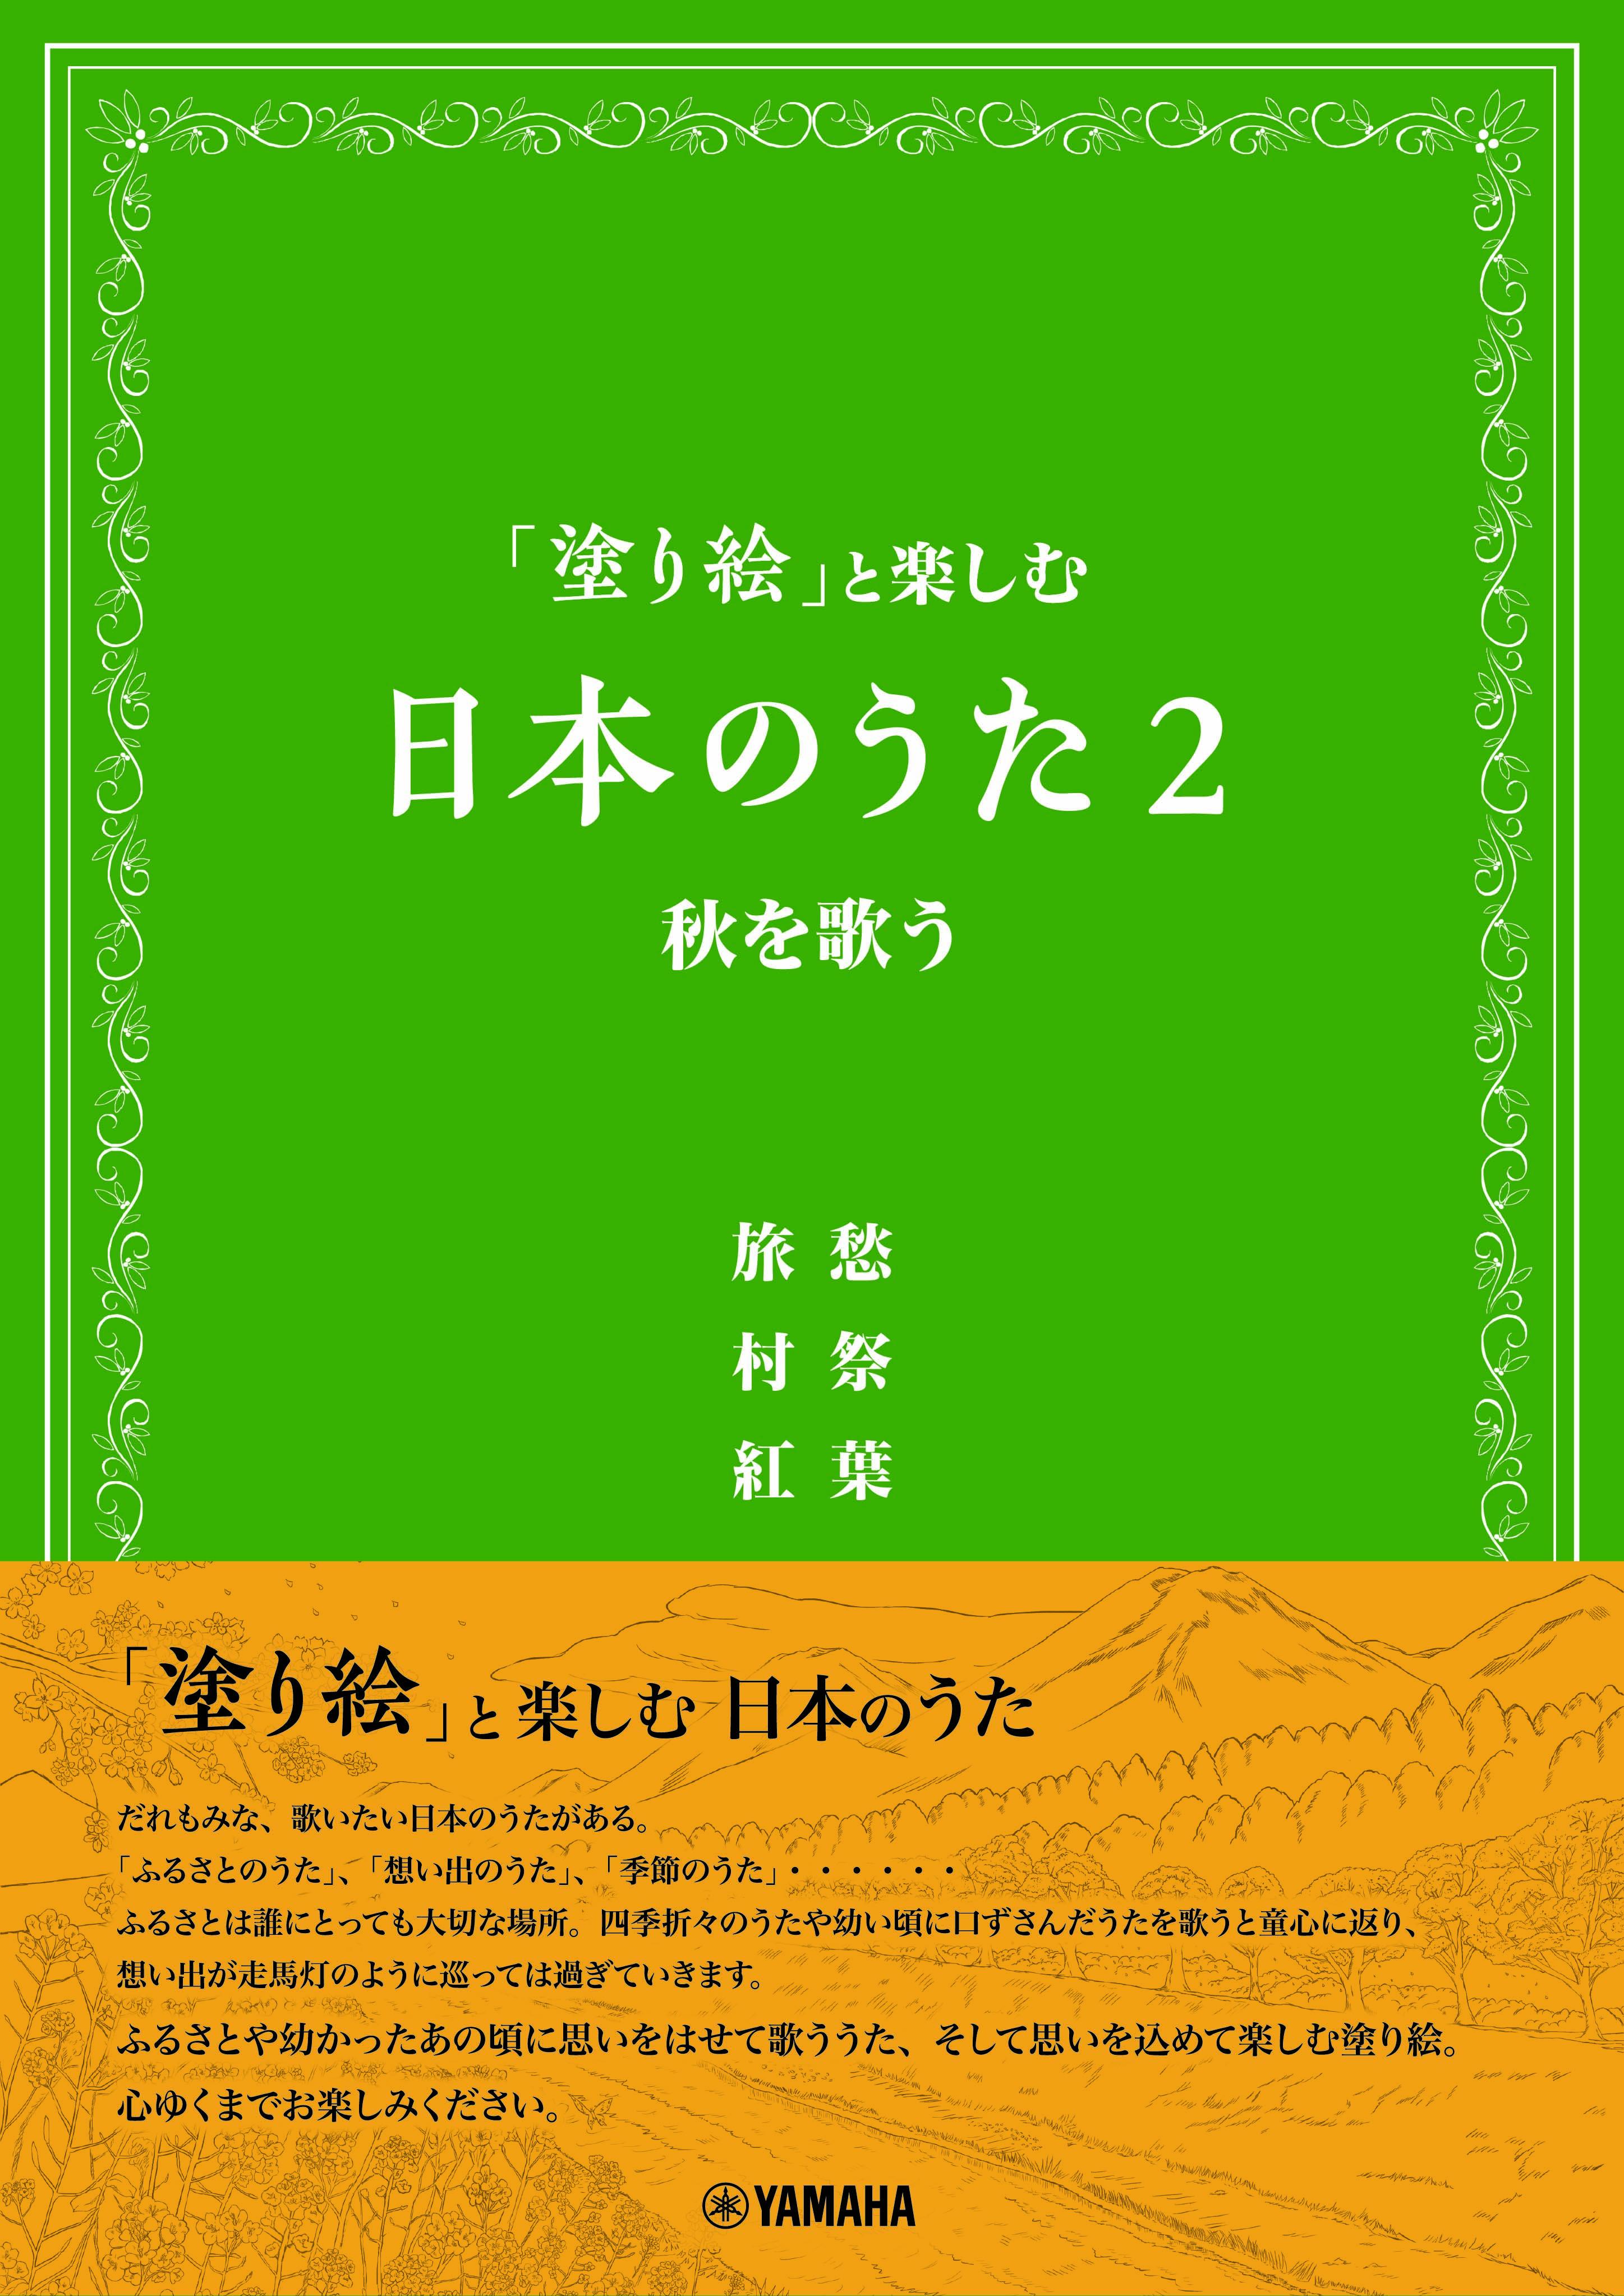 「塗り絵」と楽しむ 日本のうた2 秋を歌う